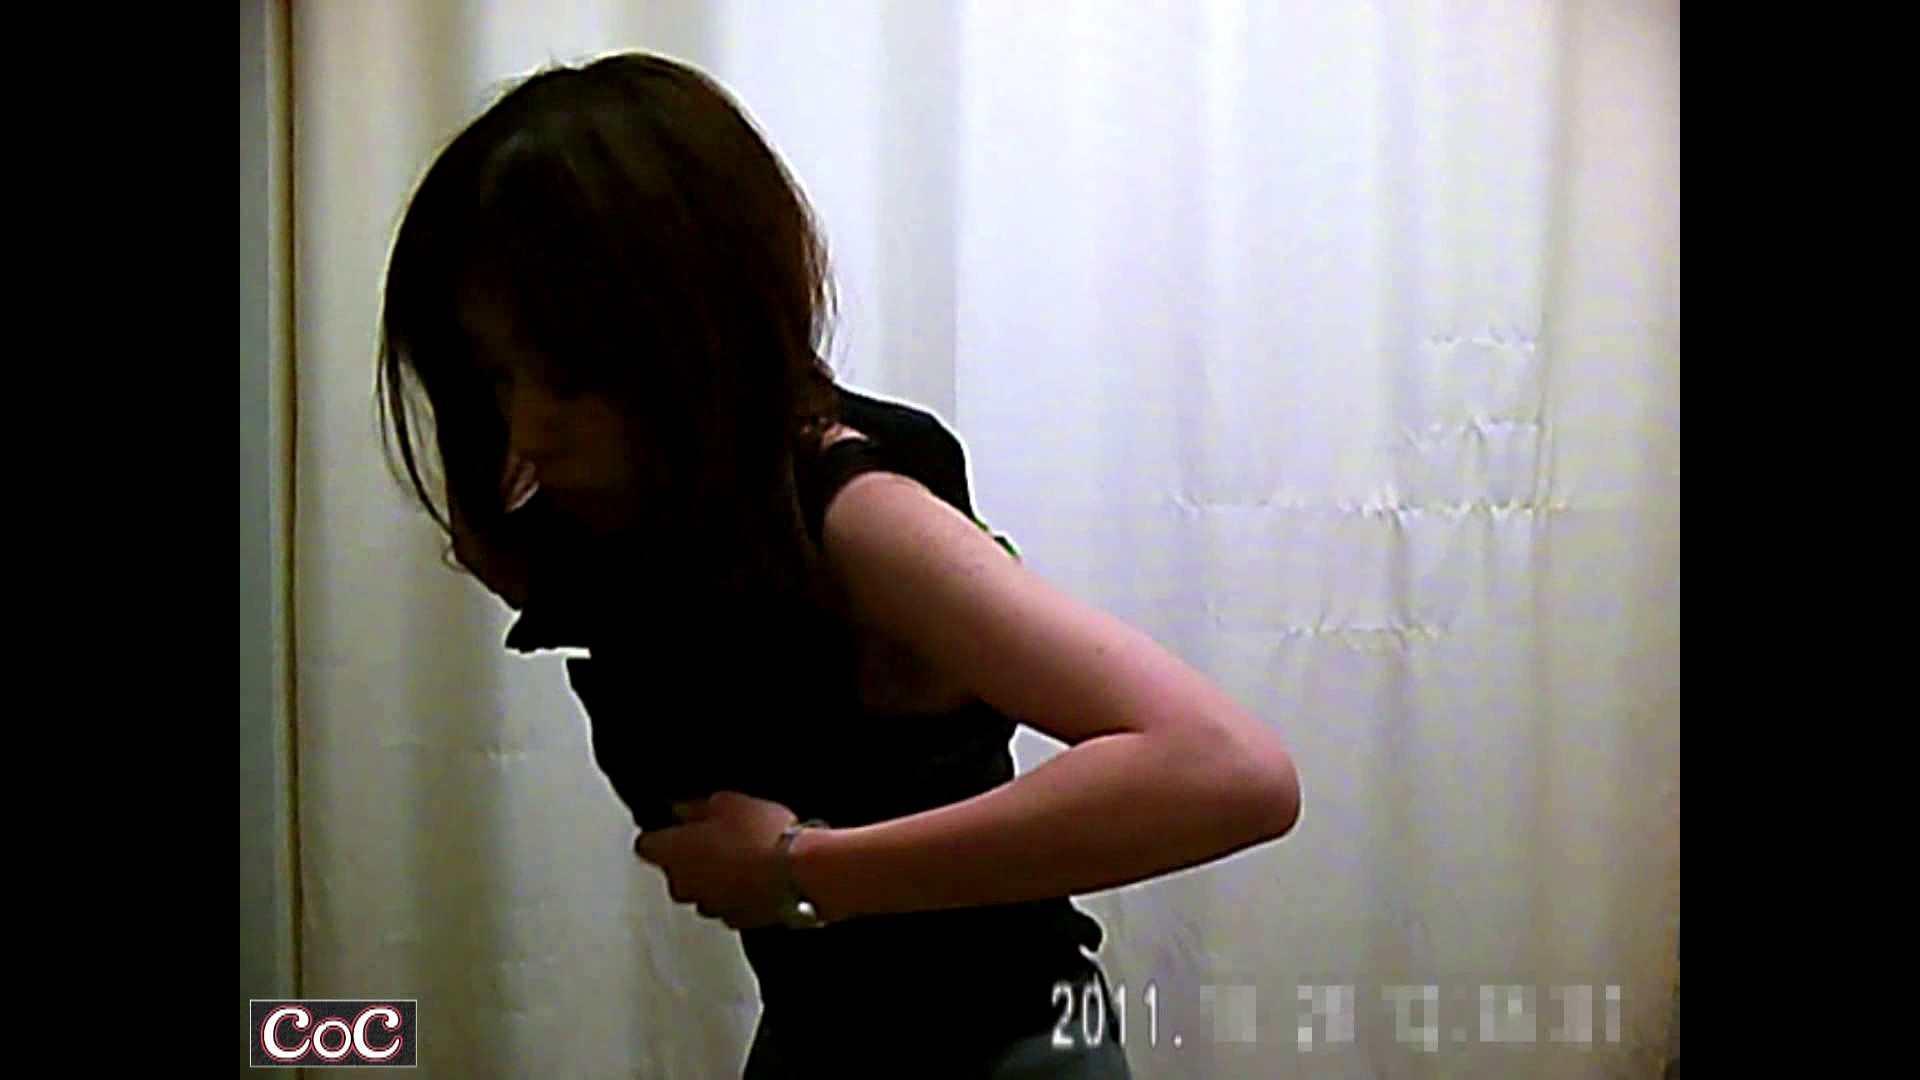 元医者による反抗 更衣室地獄絵巻 vol.221 OLハメ撮り  35Pix 27